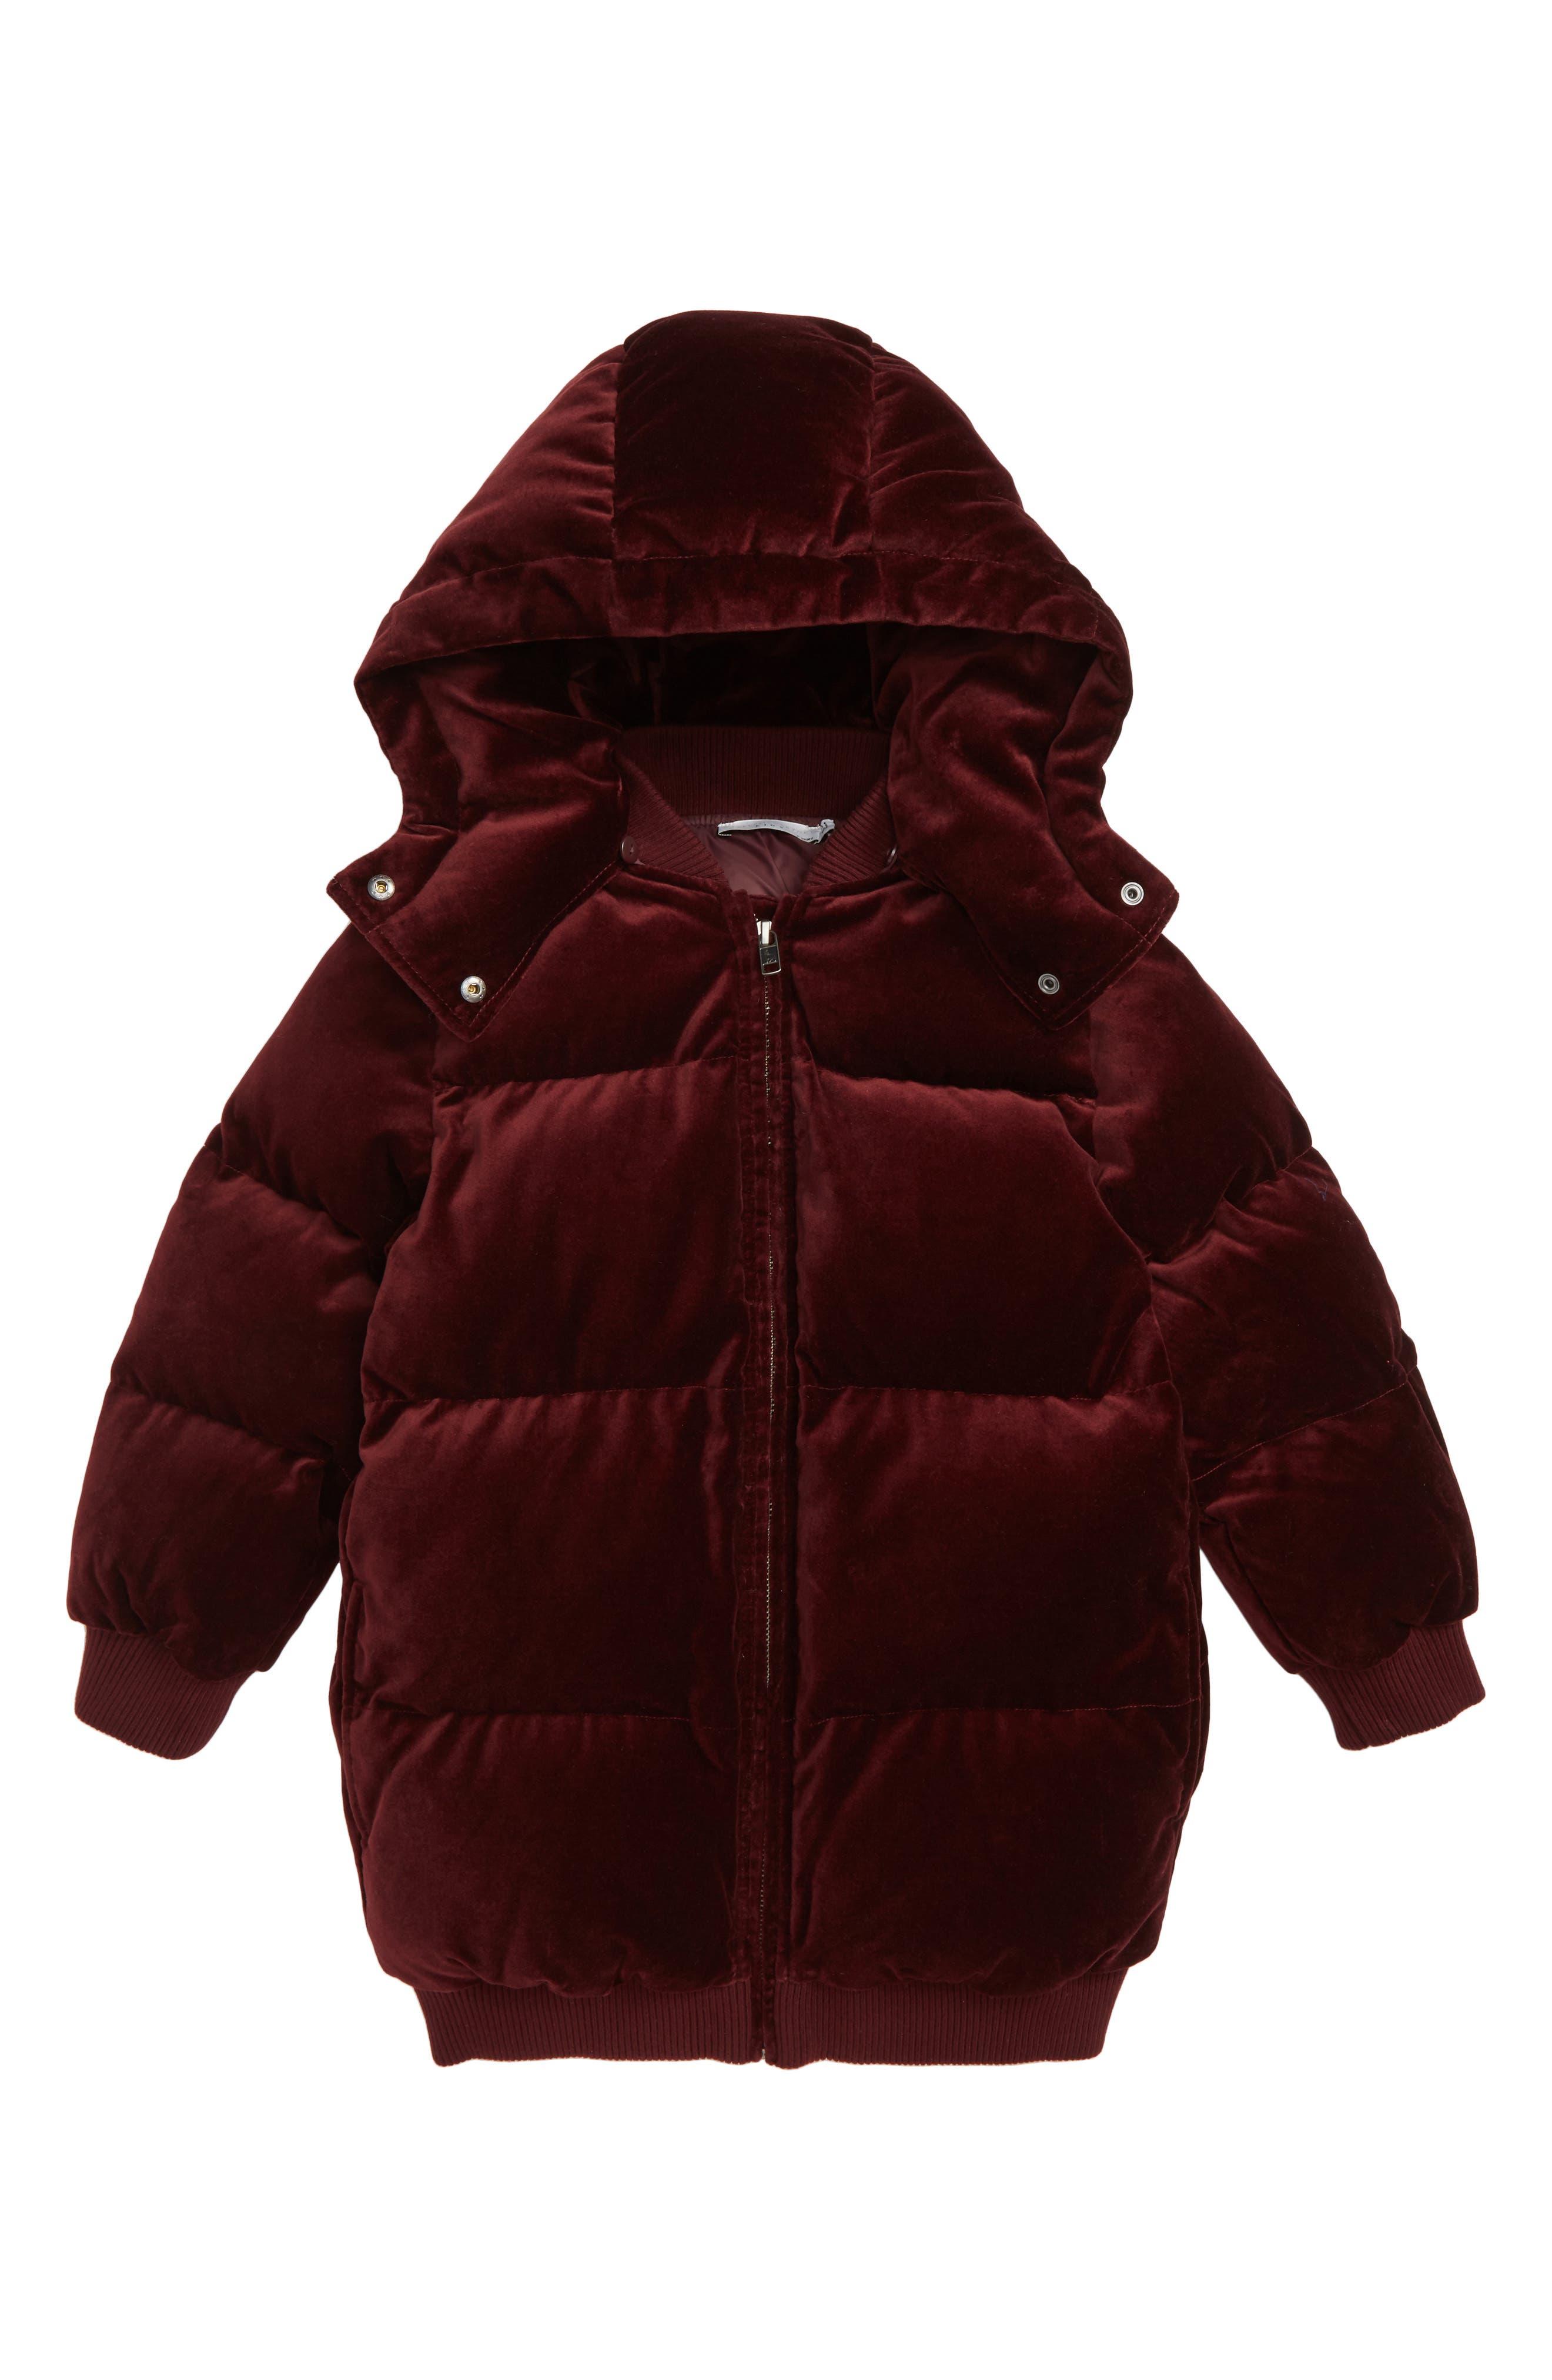 Ruby Velvet Puffer Jacket,                             Main thumbnail 1, color,                             BURGUNDY